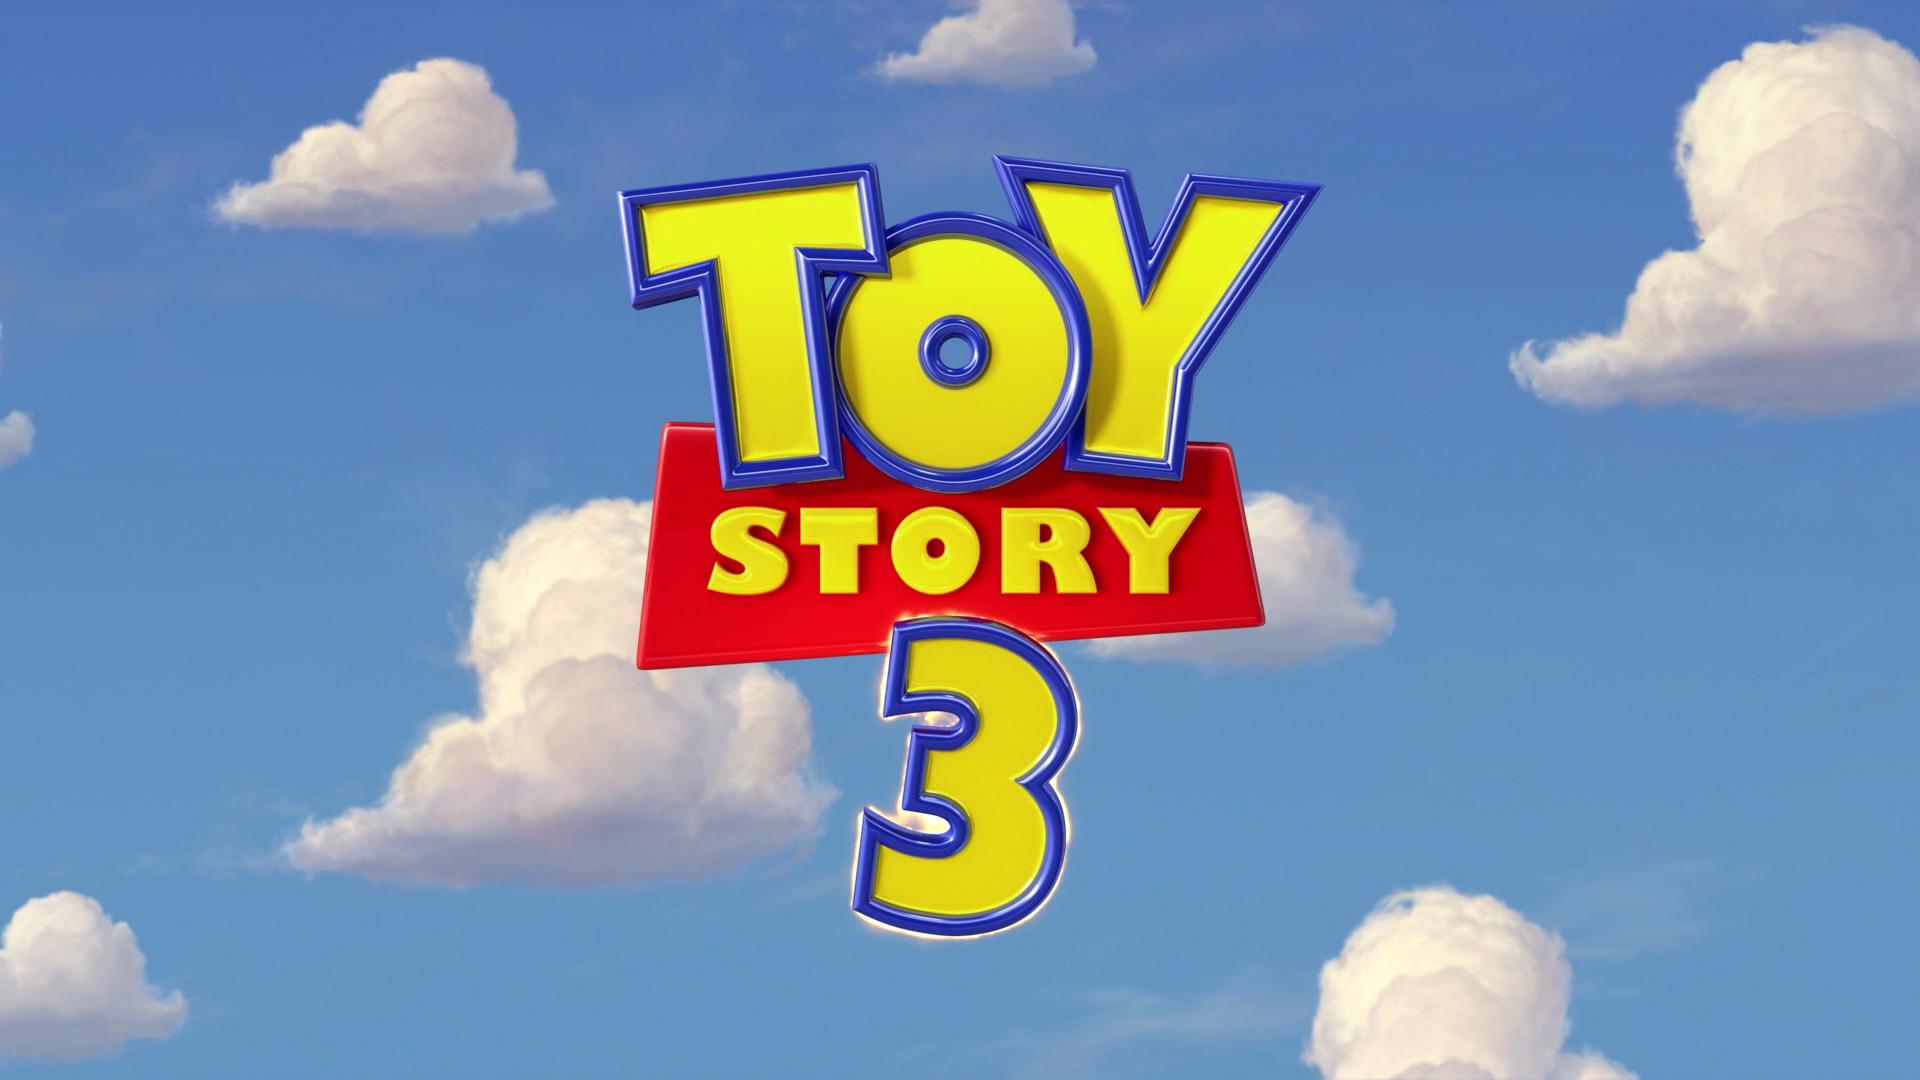 toy-story-3-1.jpg